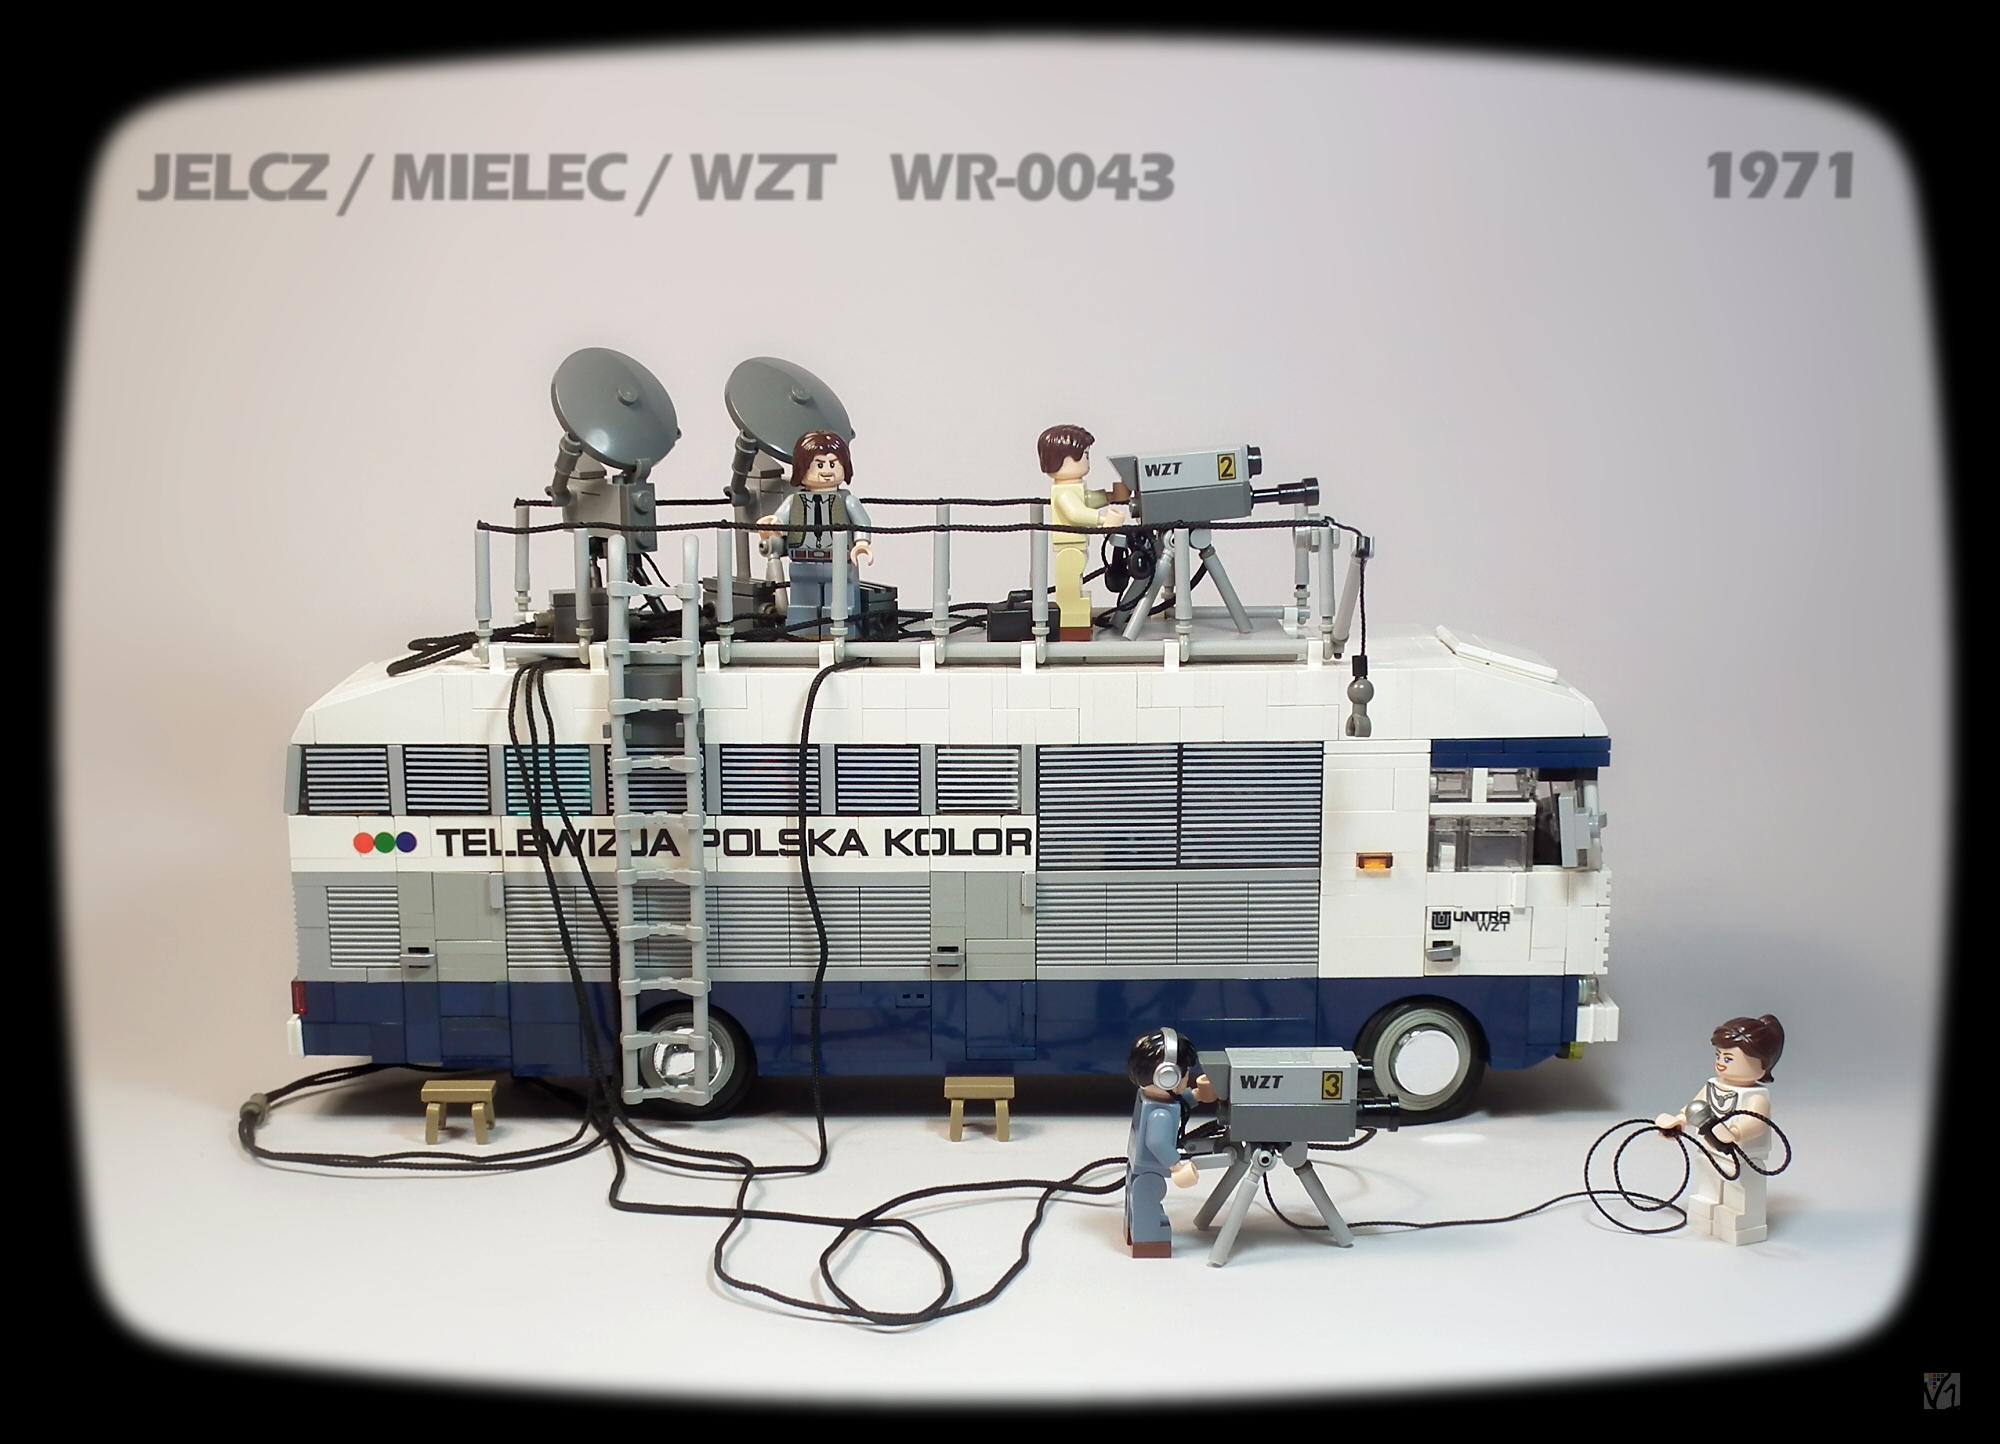 Jelcz Mielec WZT WR-0043